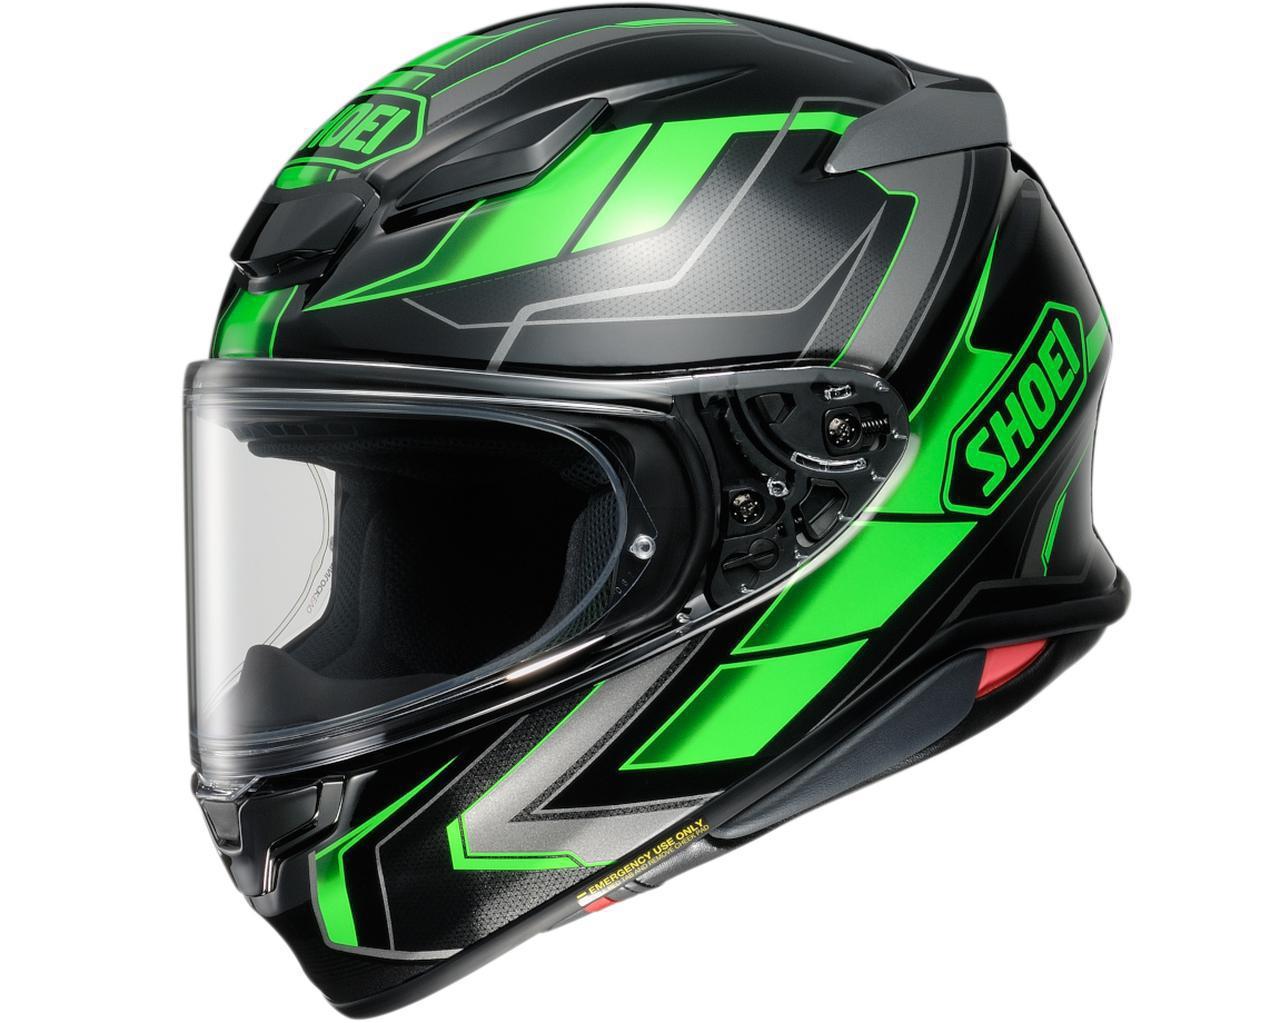 画像25: SHOEIの新型ヘルメット「Z-8」グラフィックモデル・まとめ|2021年5月末までに6モデル計13種のカラーが登場